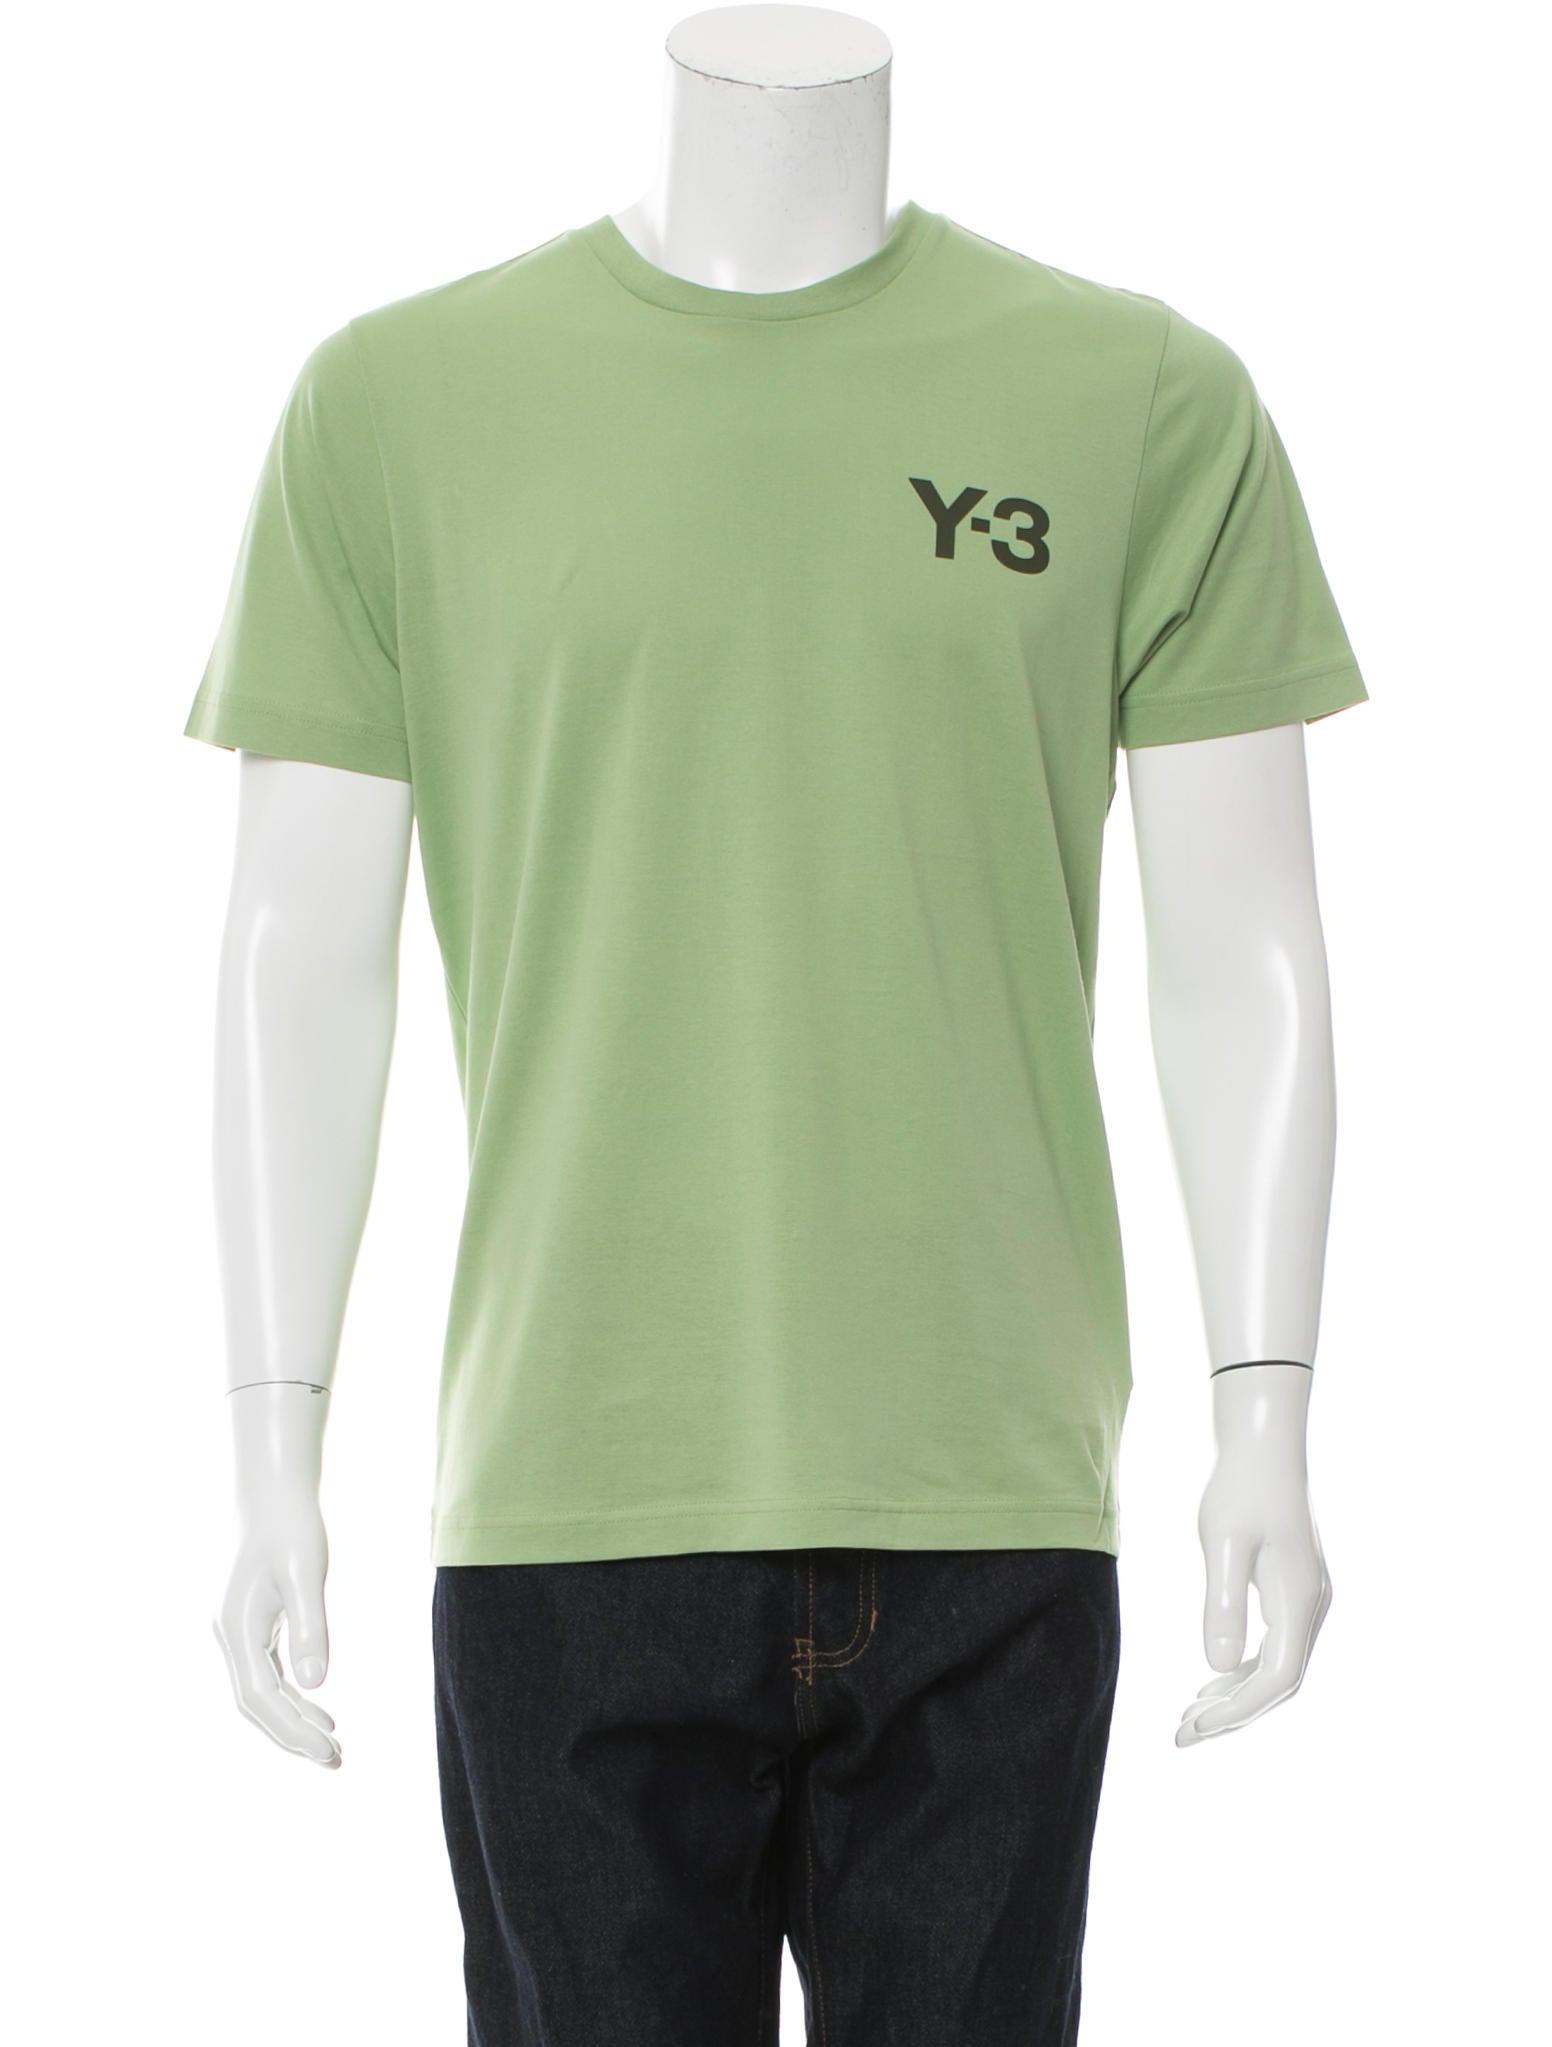 Y 3 X Adidas Logo Print T Shirt Clothing Wy3ad20715